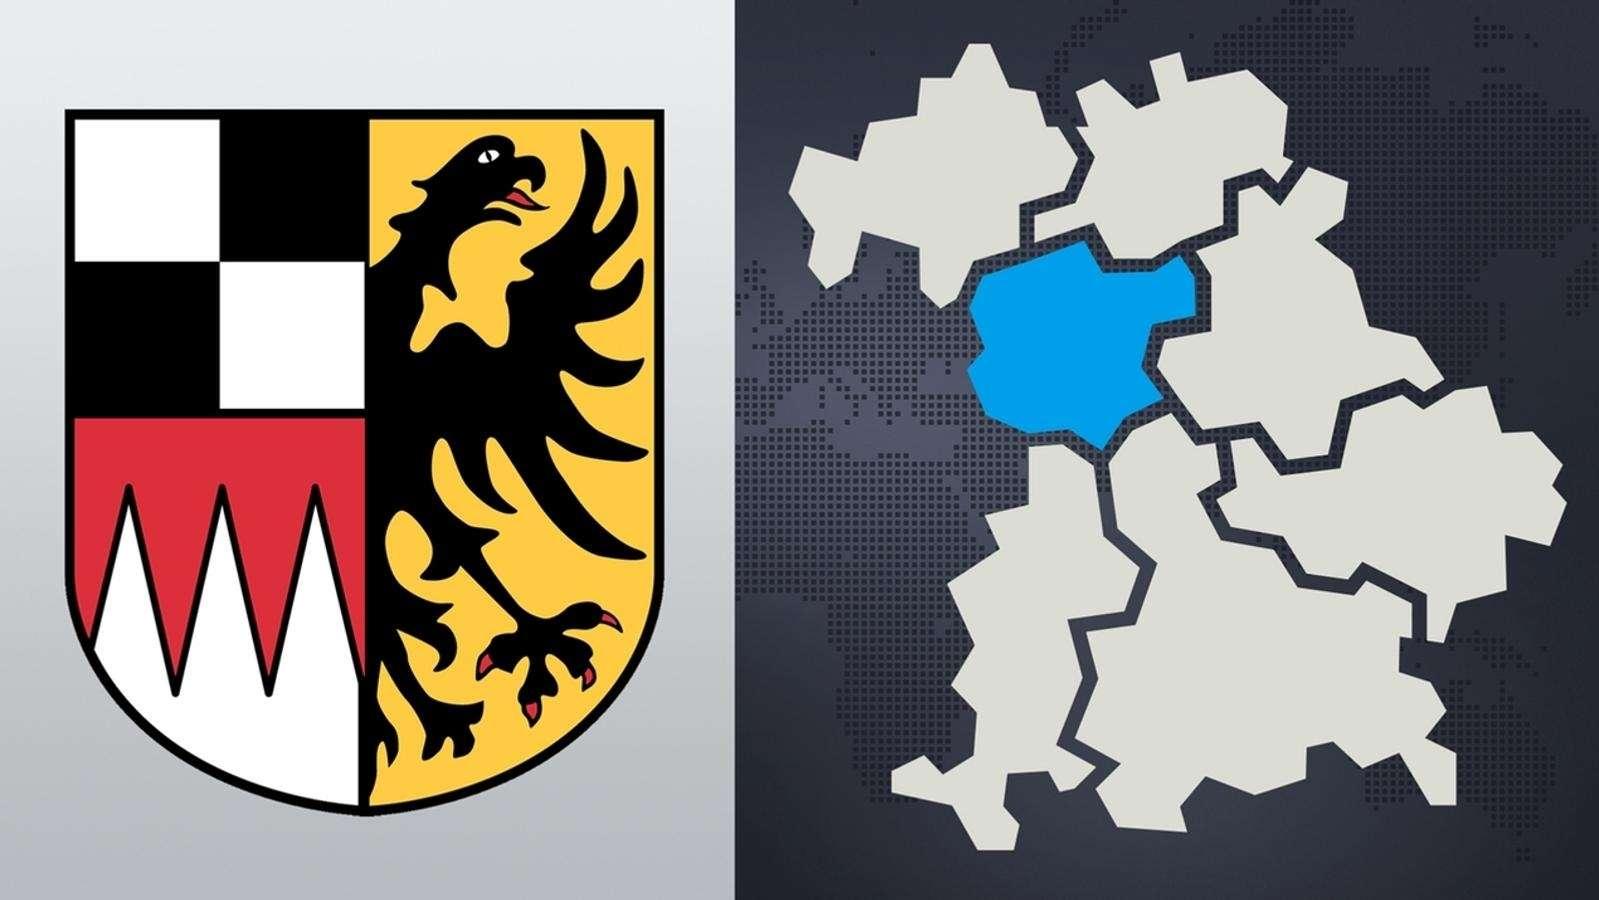 Wappen und Kartenausschnitt von Mittelfranken